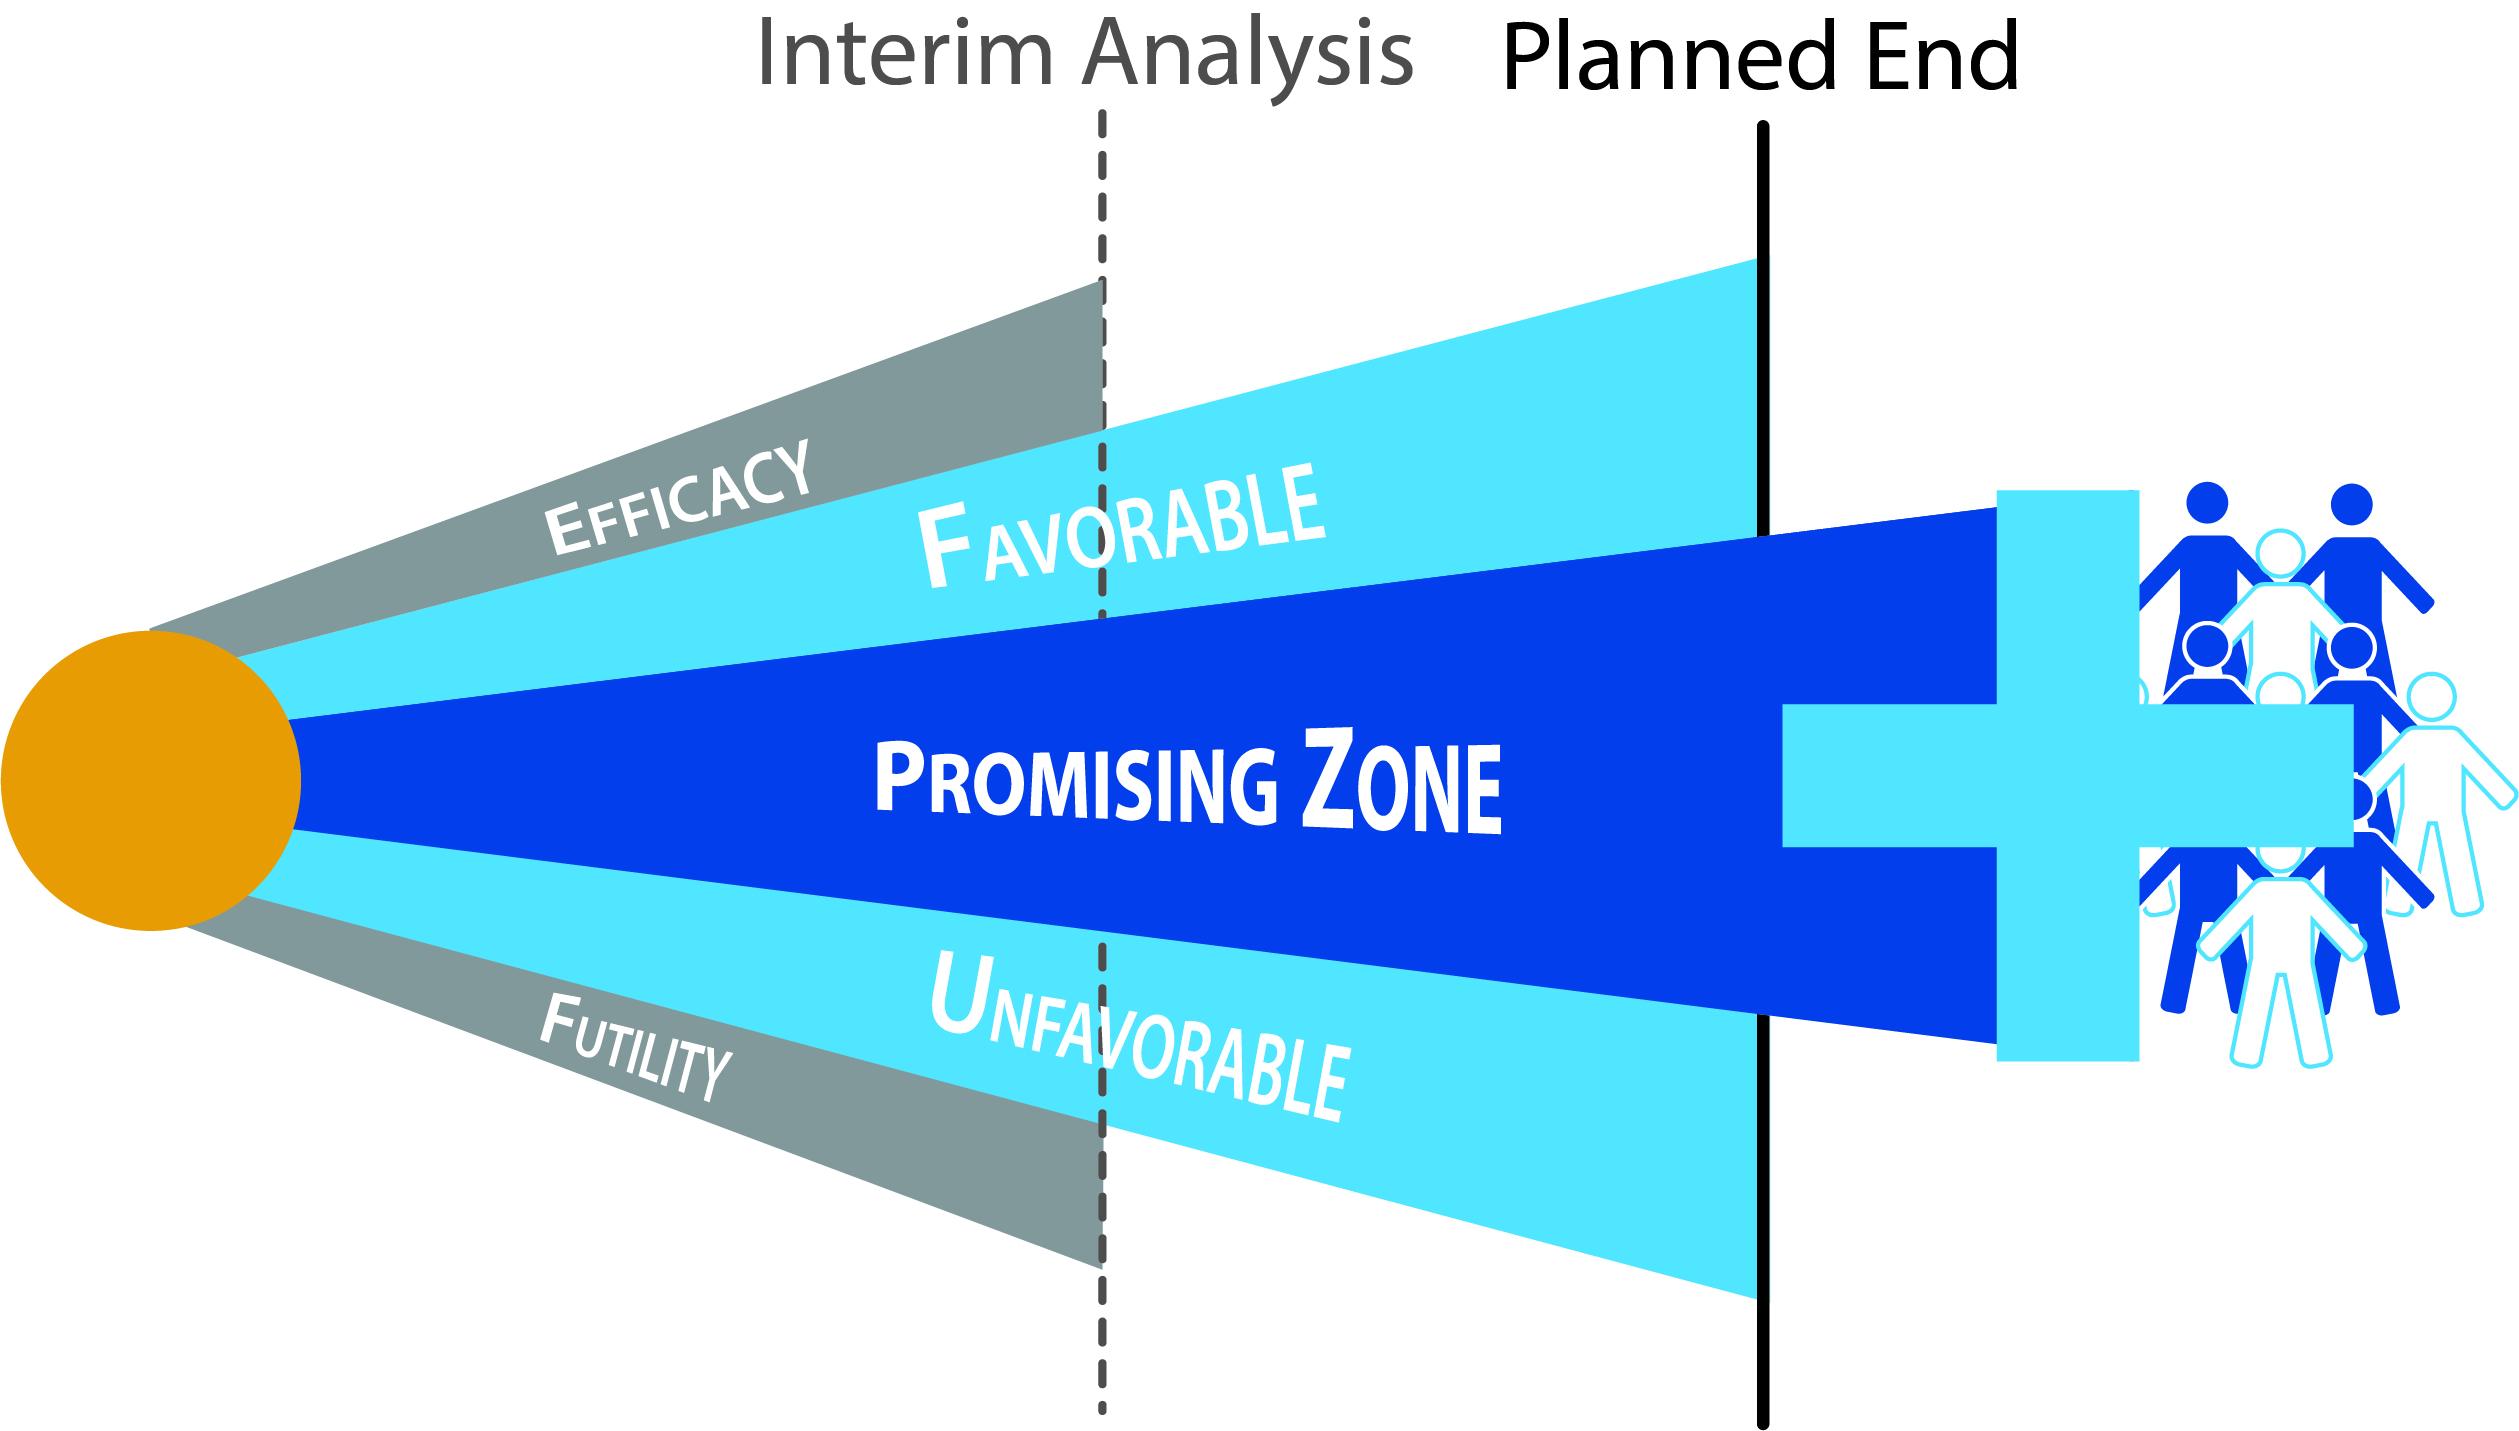 Promising_Zone